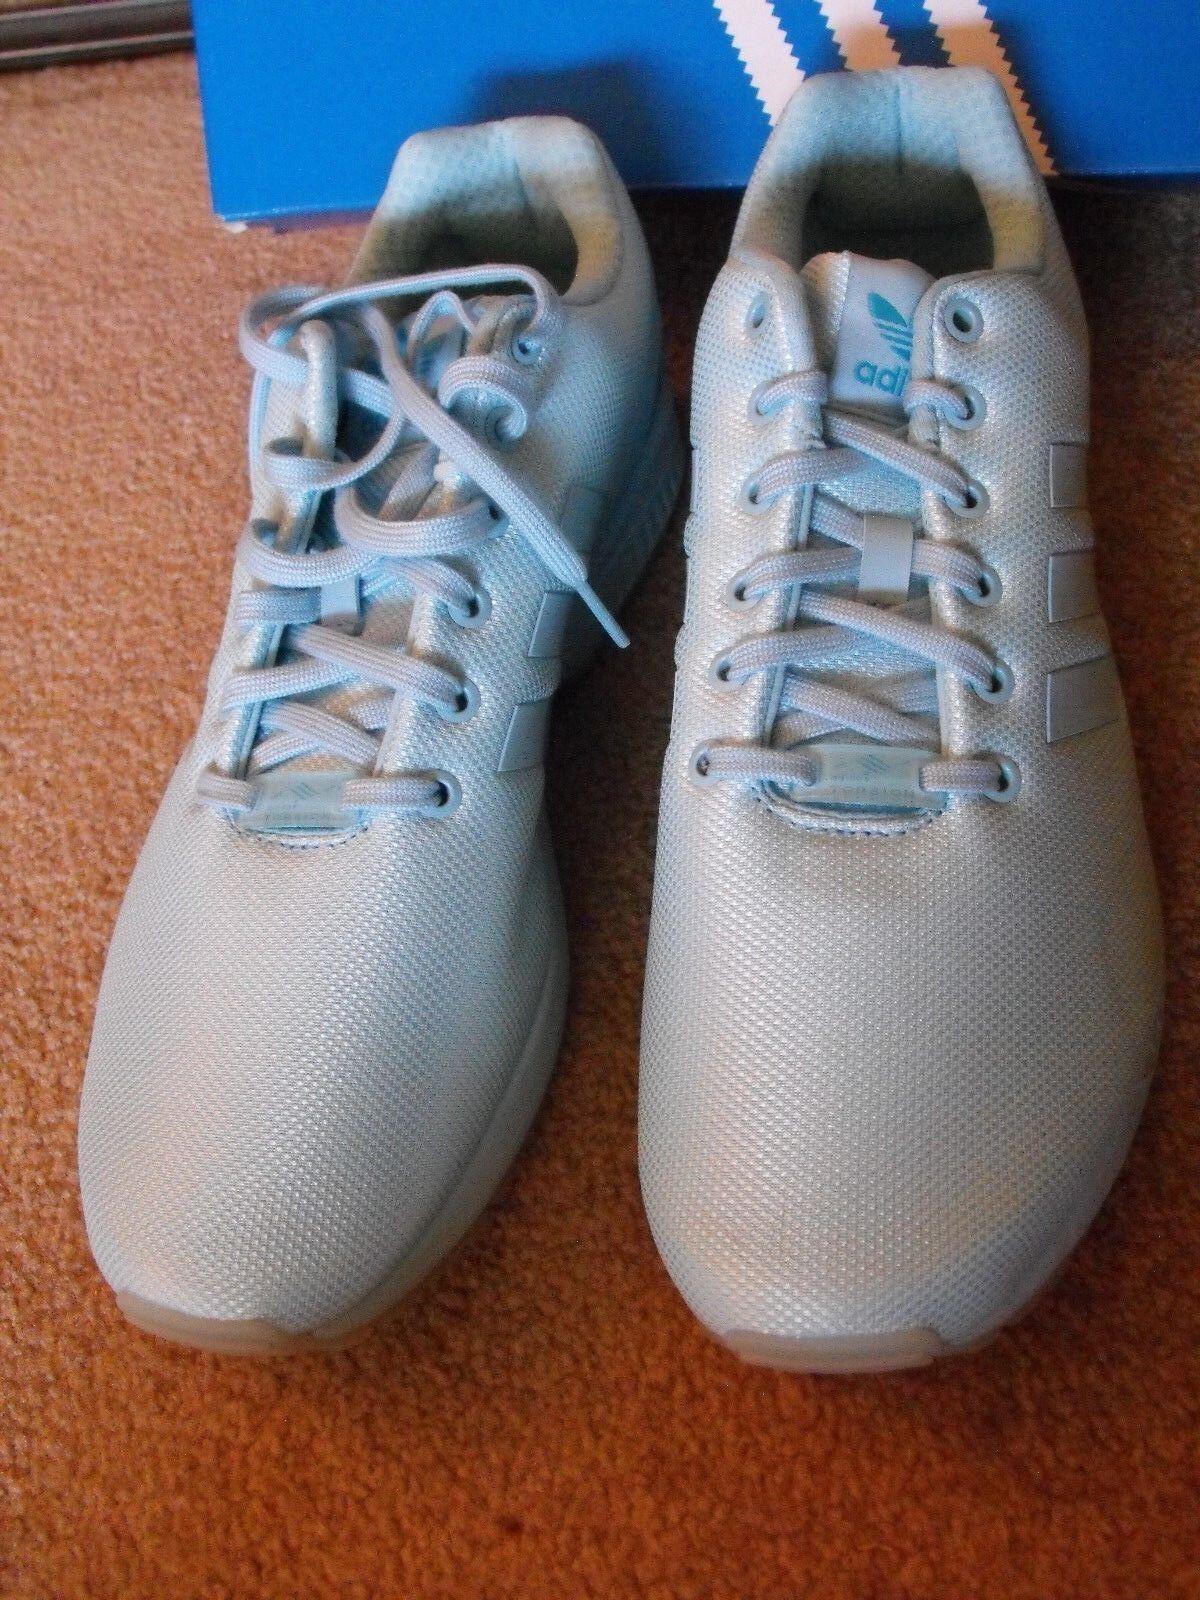 Raro Nuevo En Caja Adidas Adidas Adidas ZX Flux Azul Zapatos Talla EE. UU. 12 Reino Unido 11.5 1d6f38